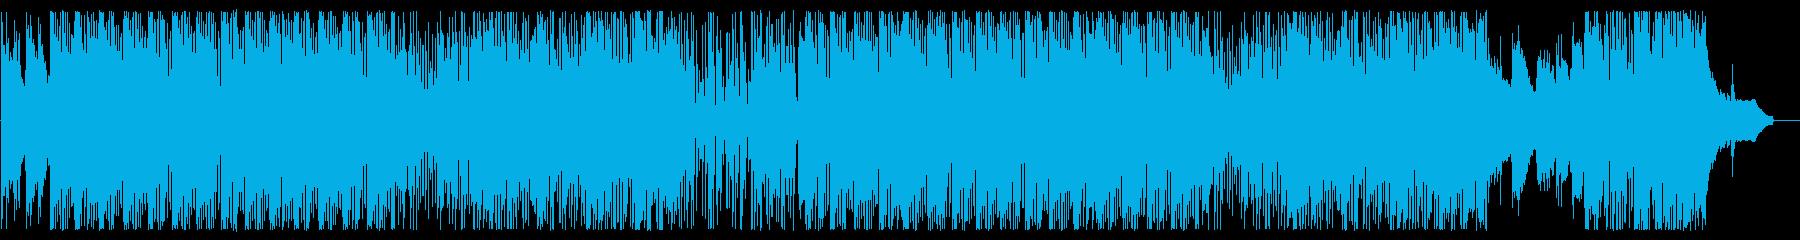 風景や日常を演出するBGMの再生済みの波形